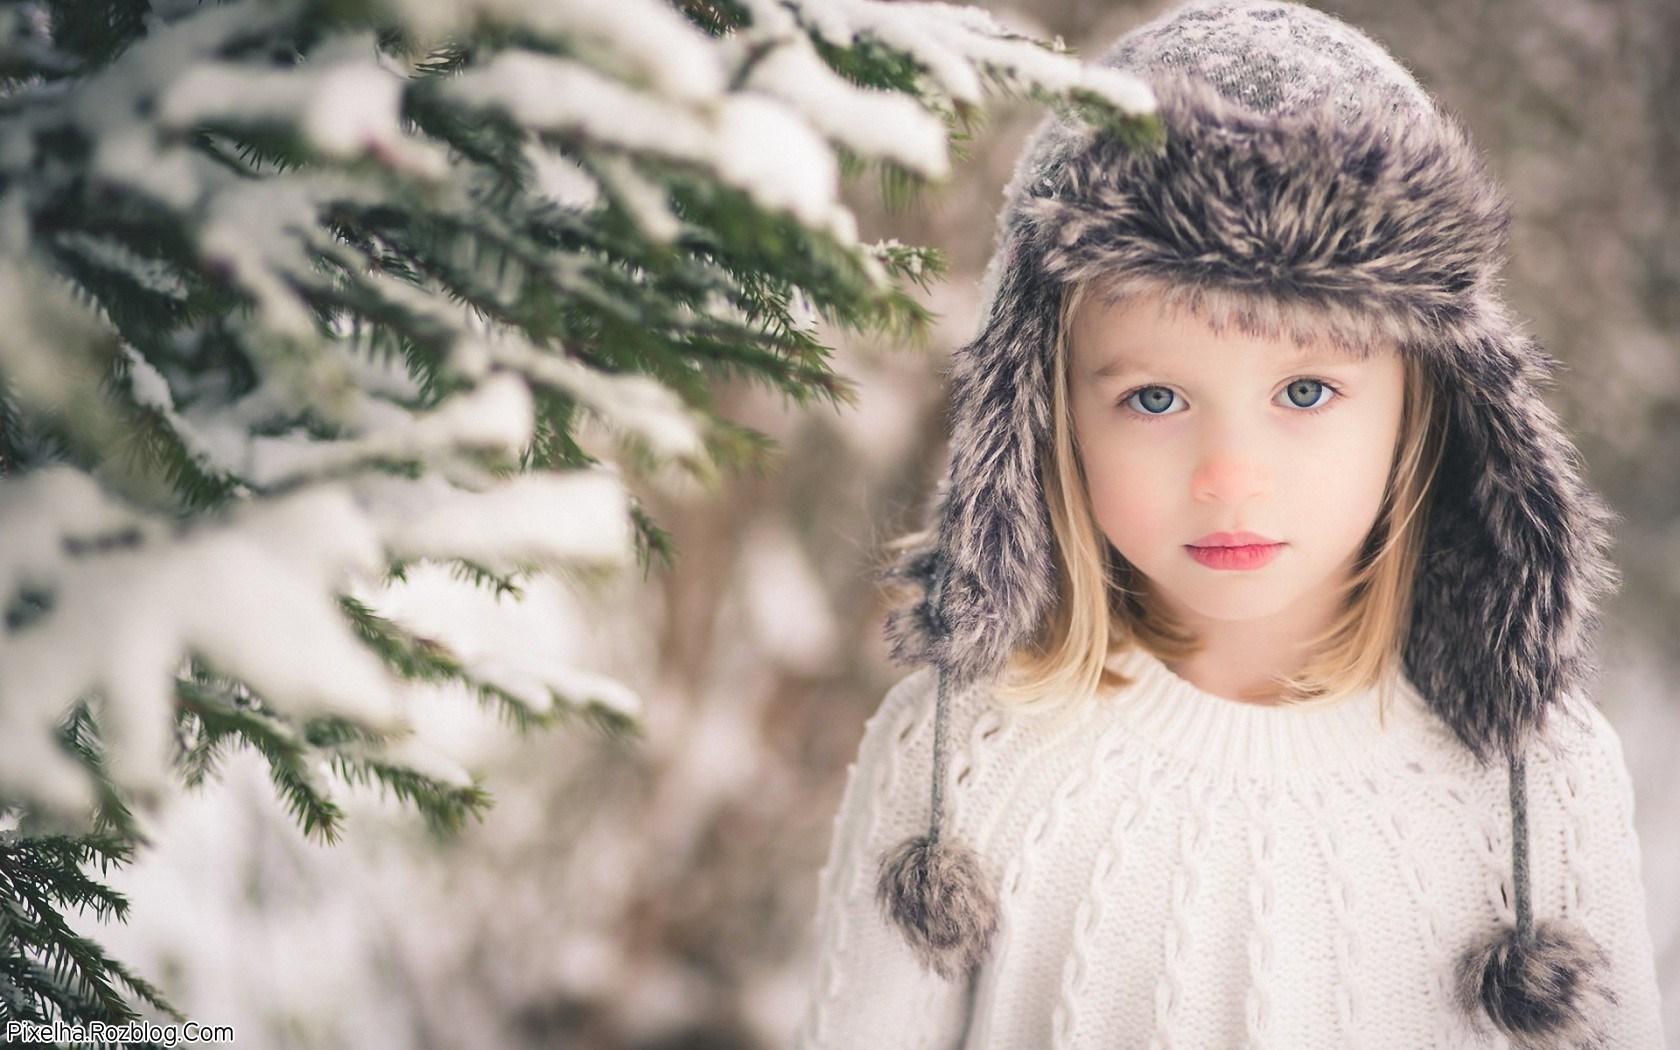 دختربچه بامزه در کنار برف زمستانی